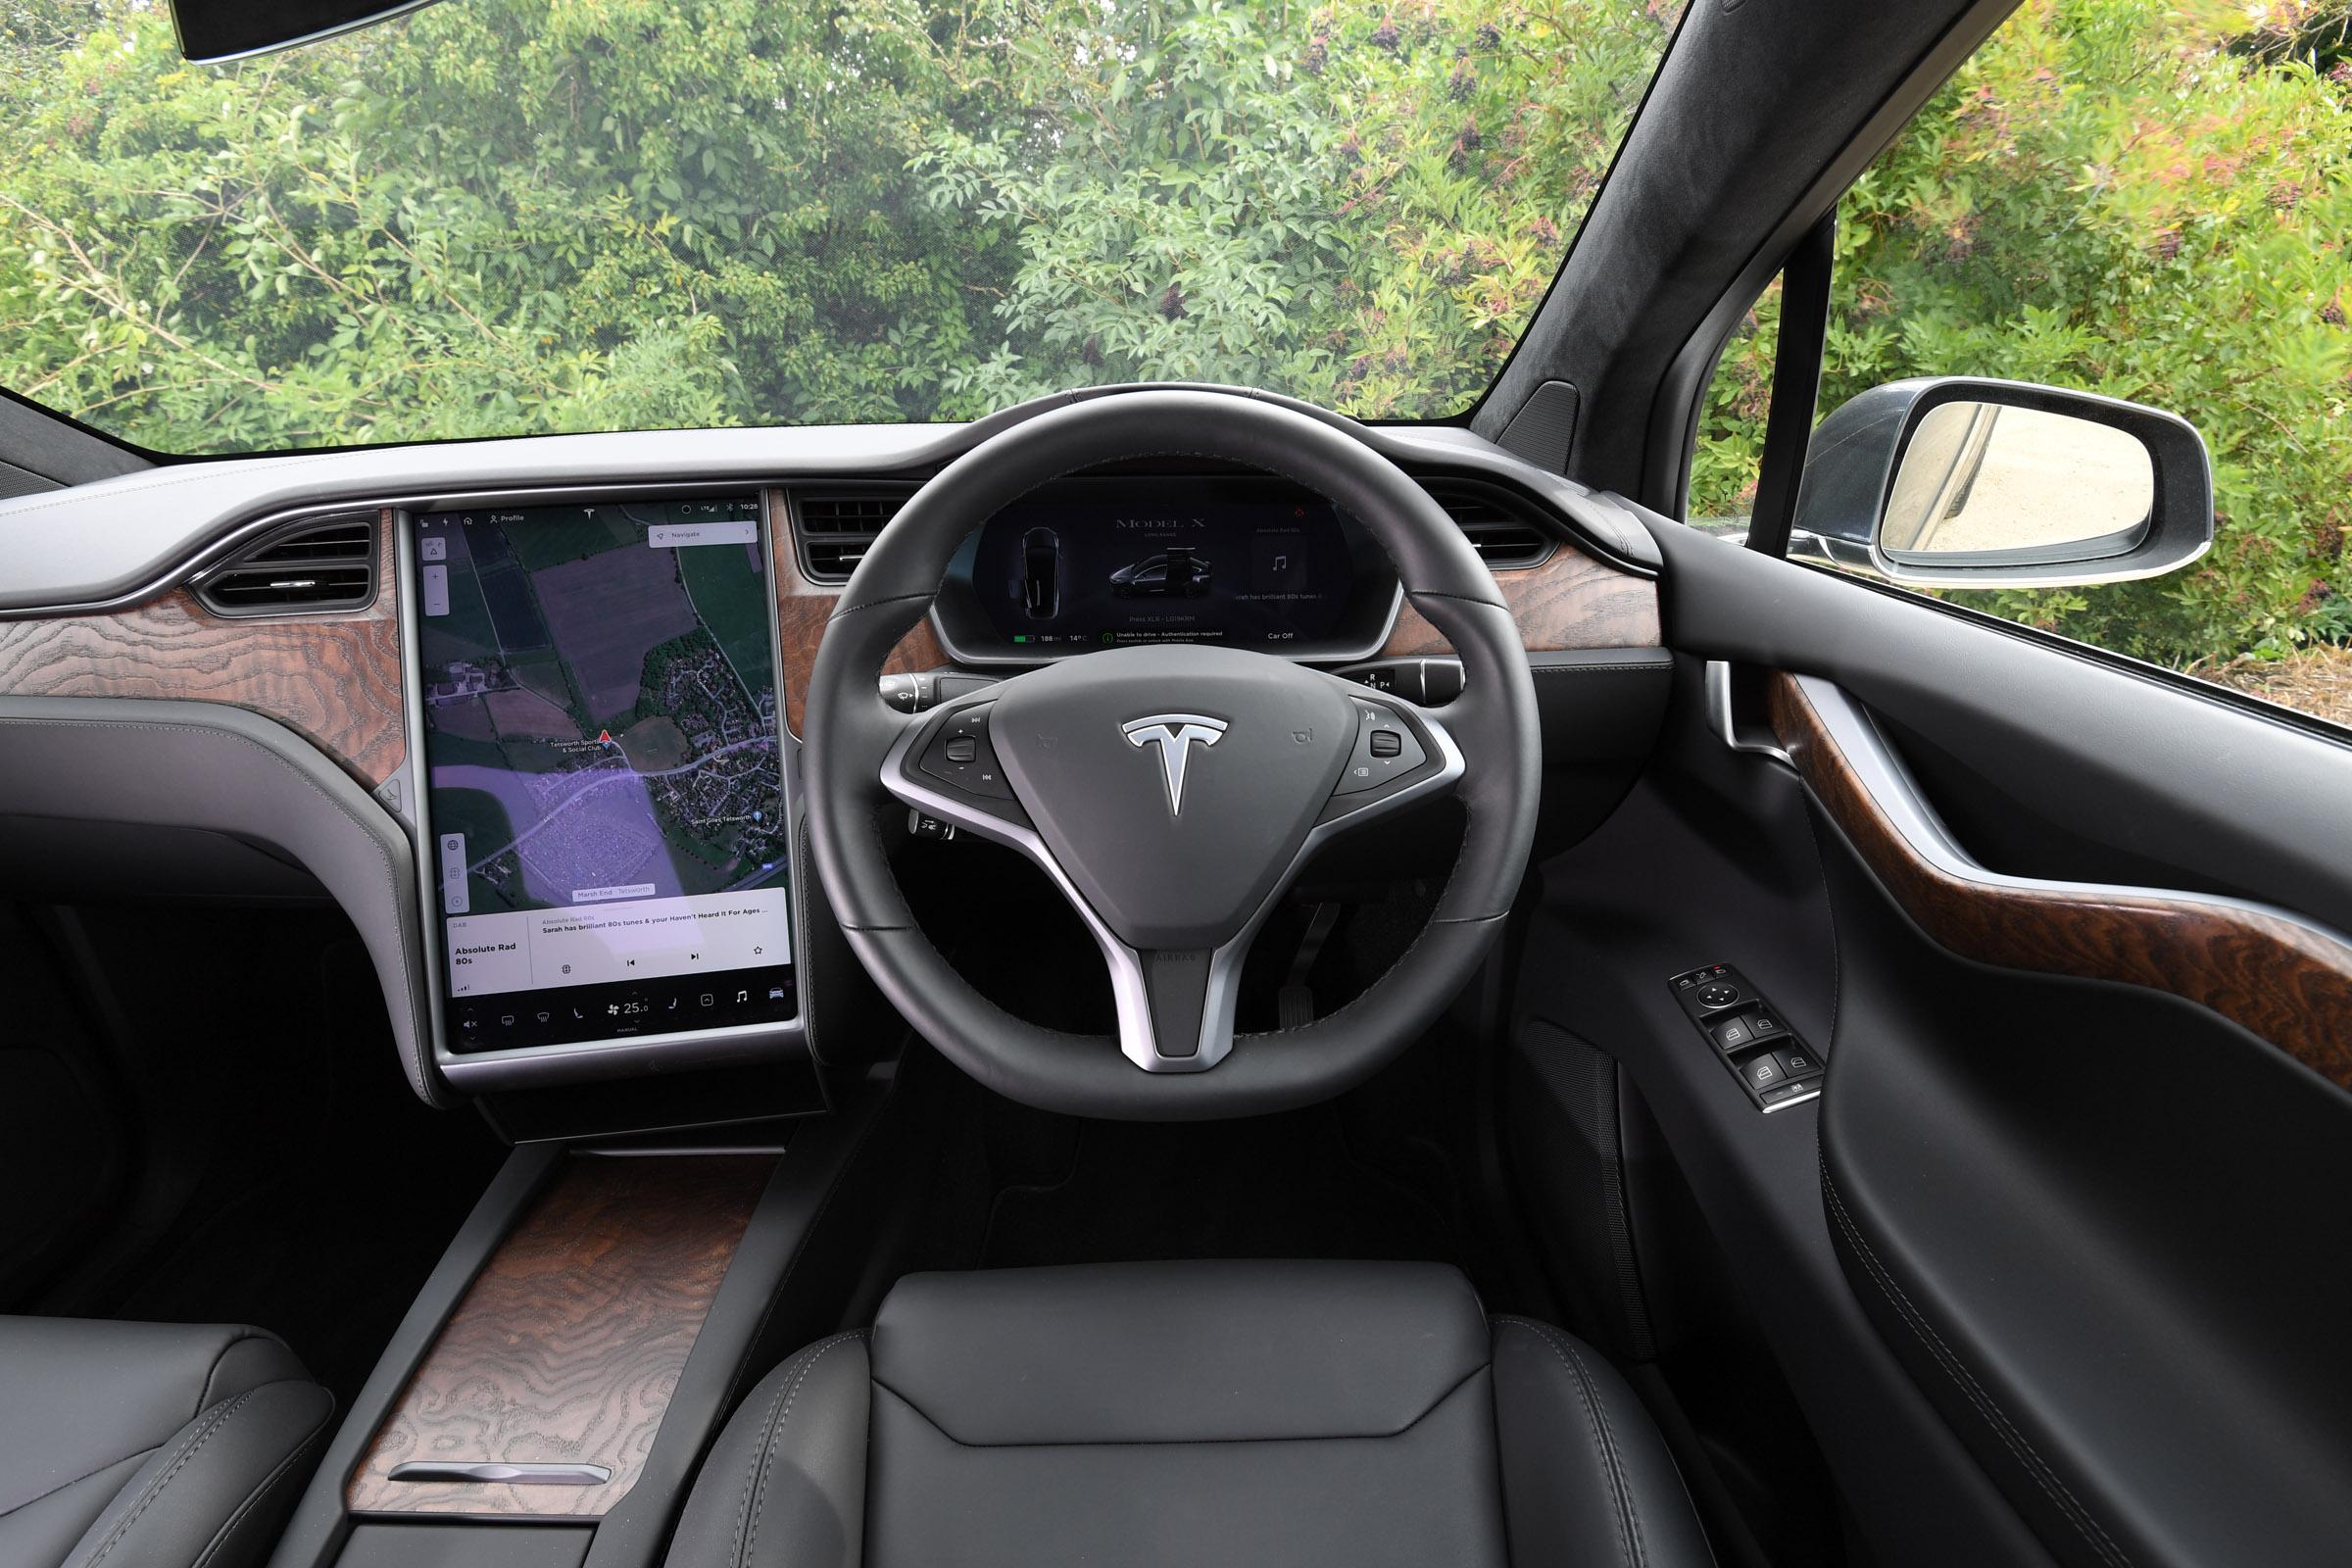 Tesla Model X Interior Comfort Drivingelectric